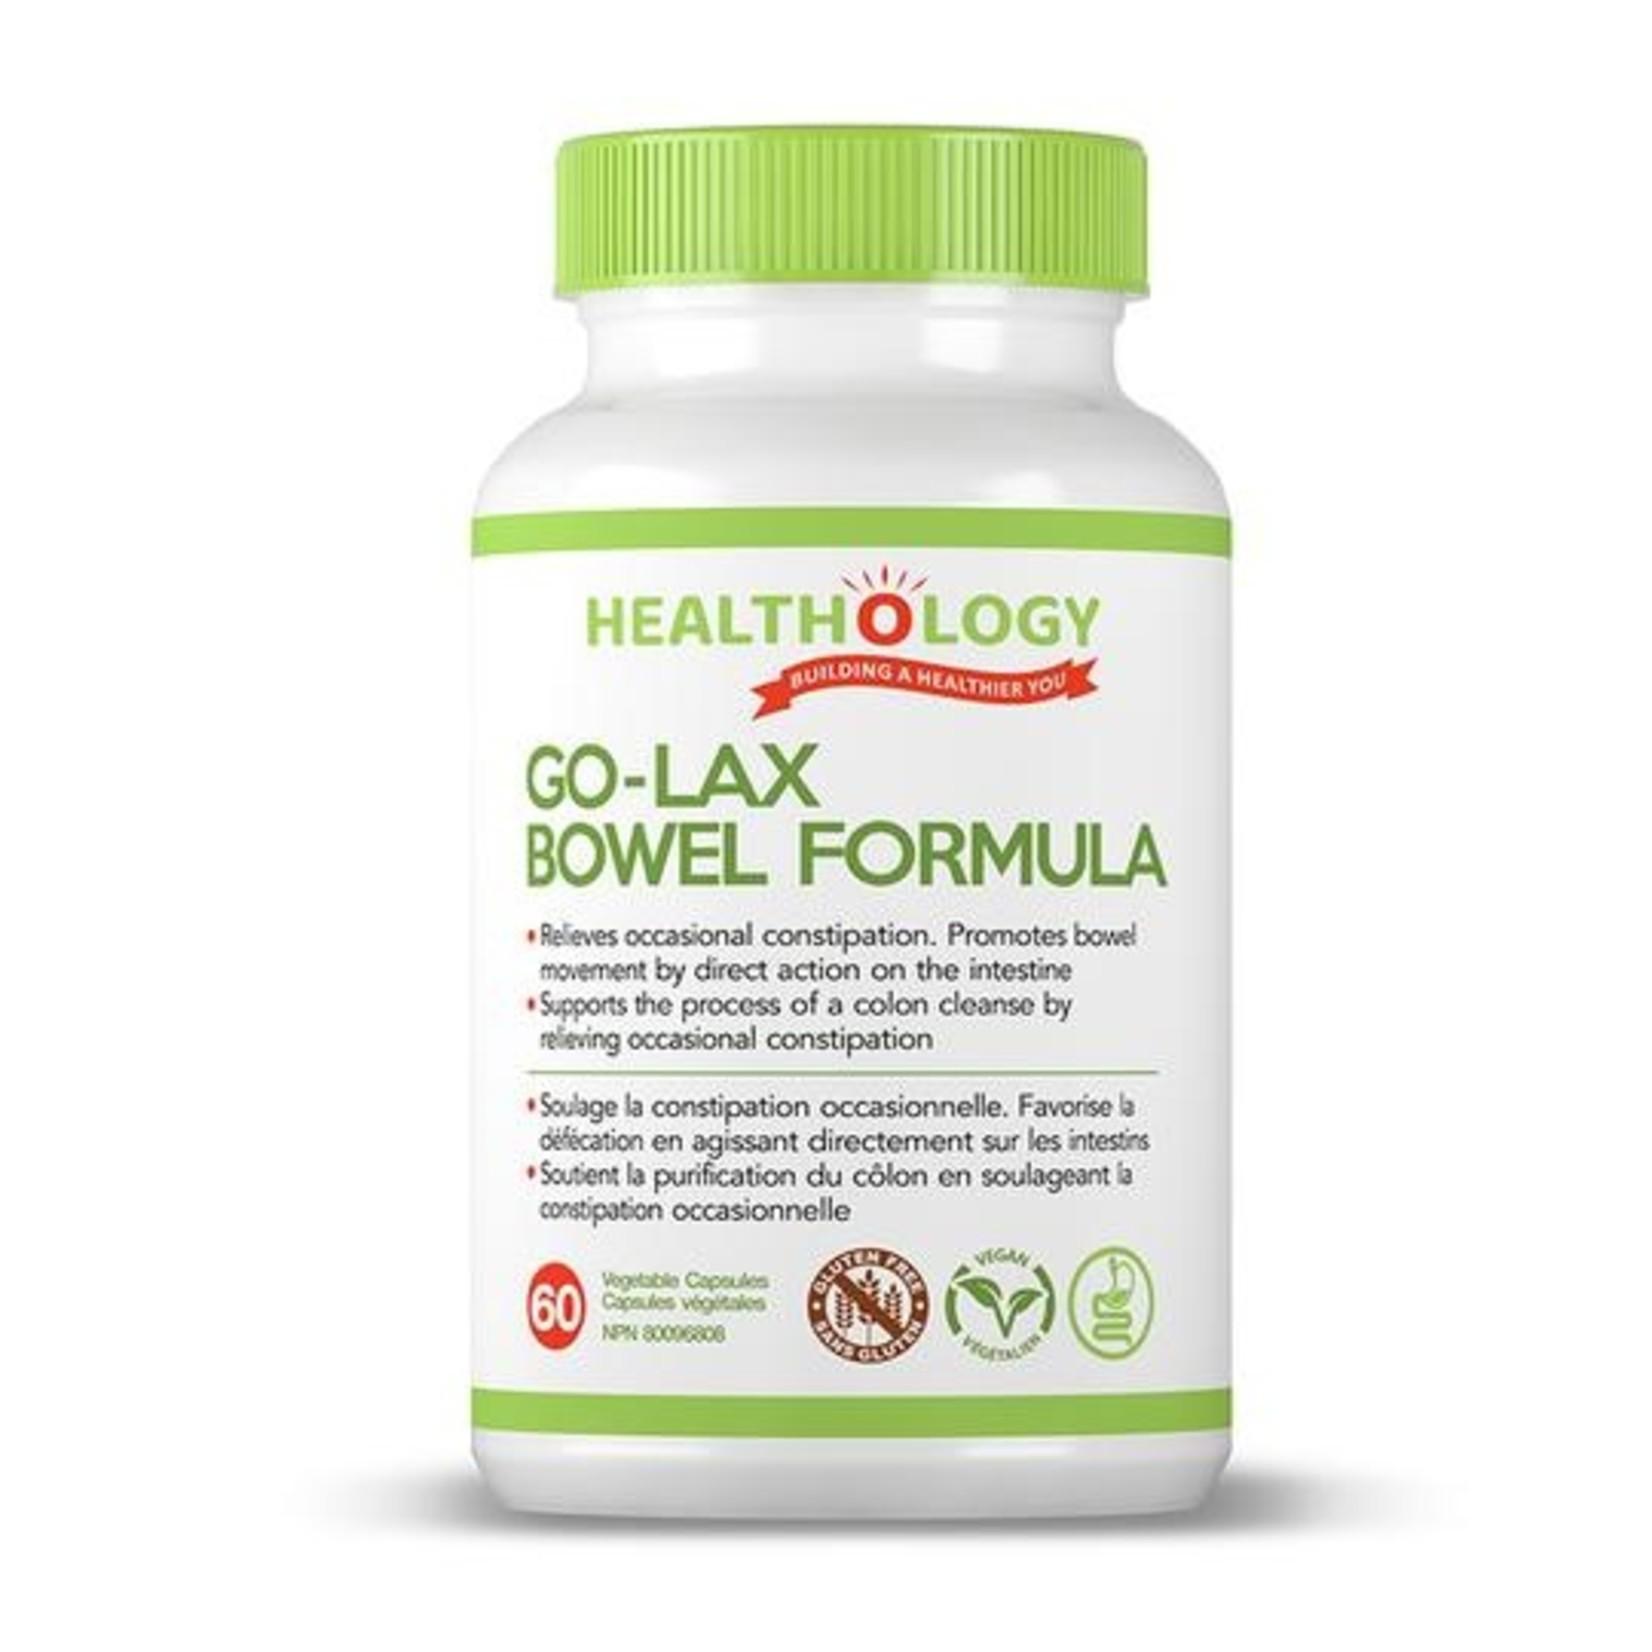 Healthology Healthology Go-Lax Bowel Formula 60 caps